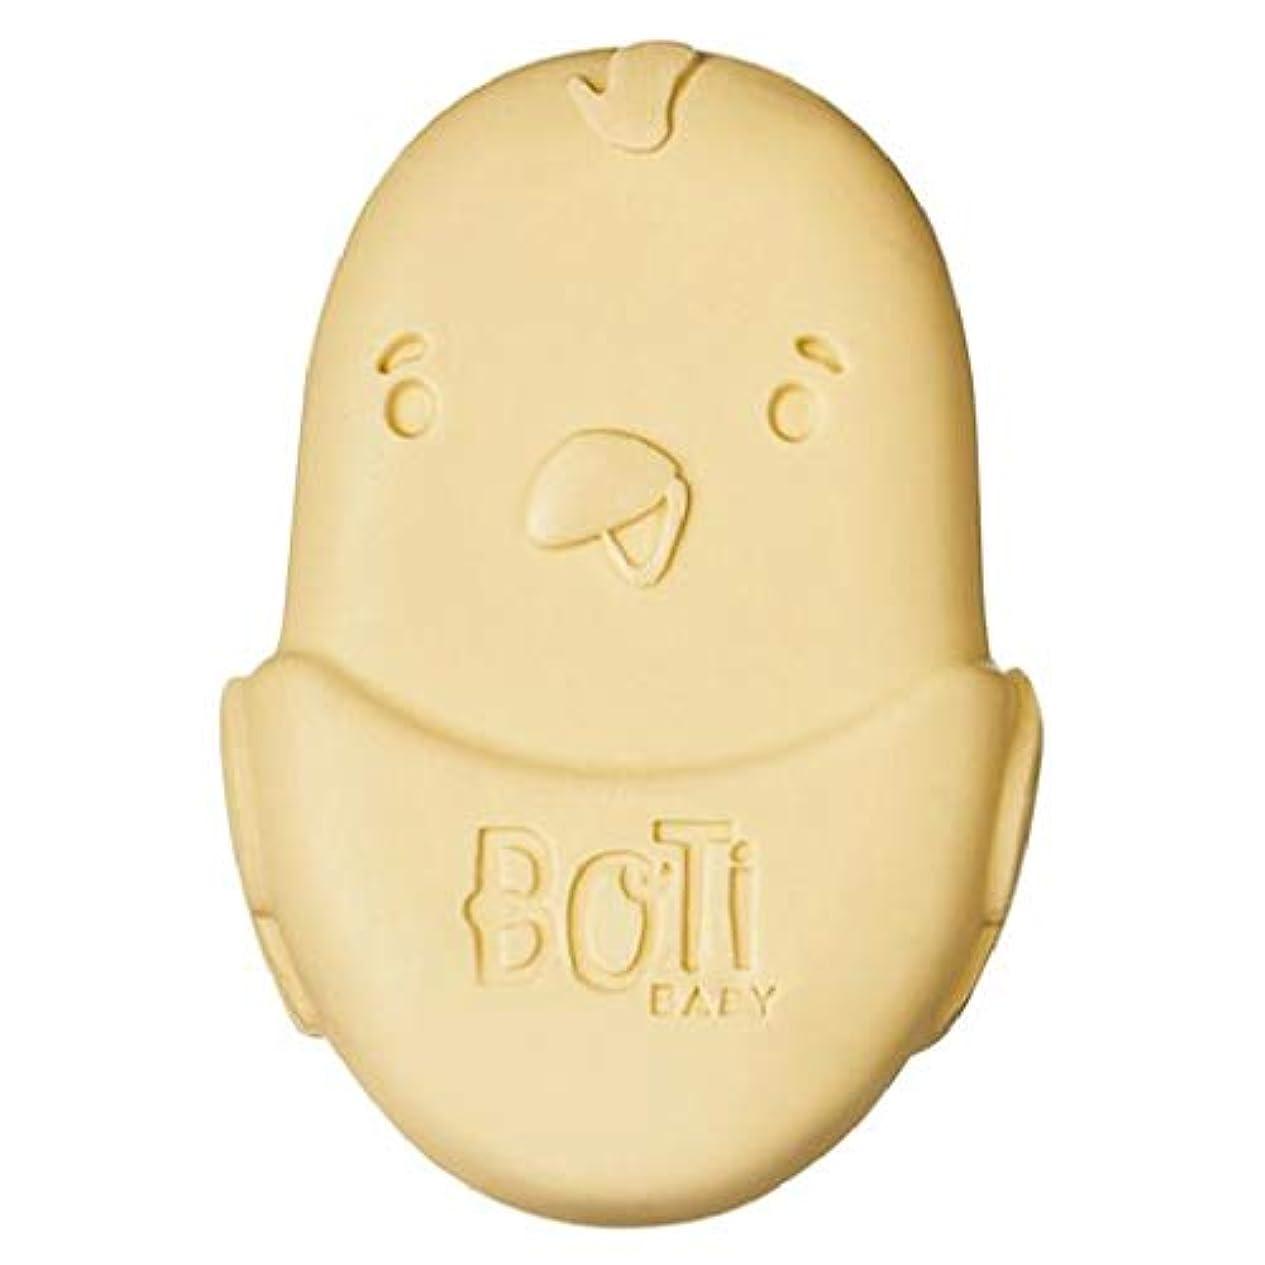 マウスピース実装する順応性のあるオ?ボチカリオ ソープ SOL ボチ ベイビー◆oBoticario SABONETE EM BARRA SOL BOTI BABY 2×85g